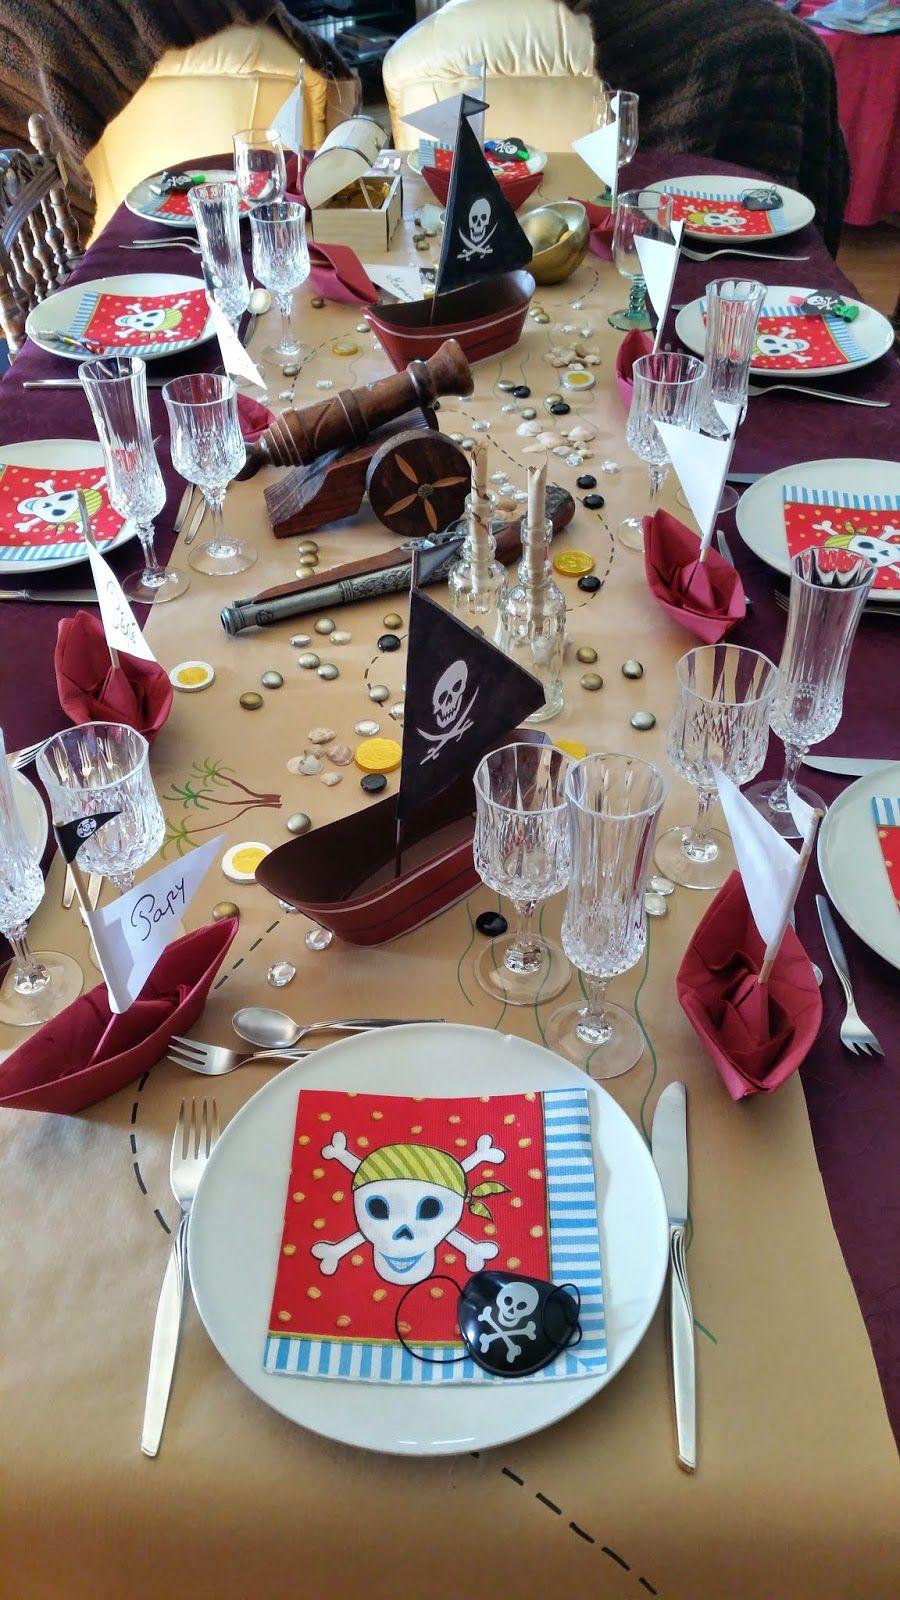 aujourd 39 hui j 39 ai un anniversaire pirate pirate birthday party anniversaire pirate. Black Bedroom Furniture Sets. Home Design Ideas